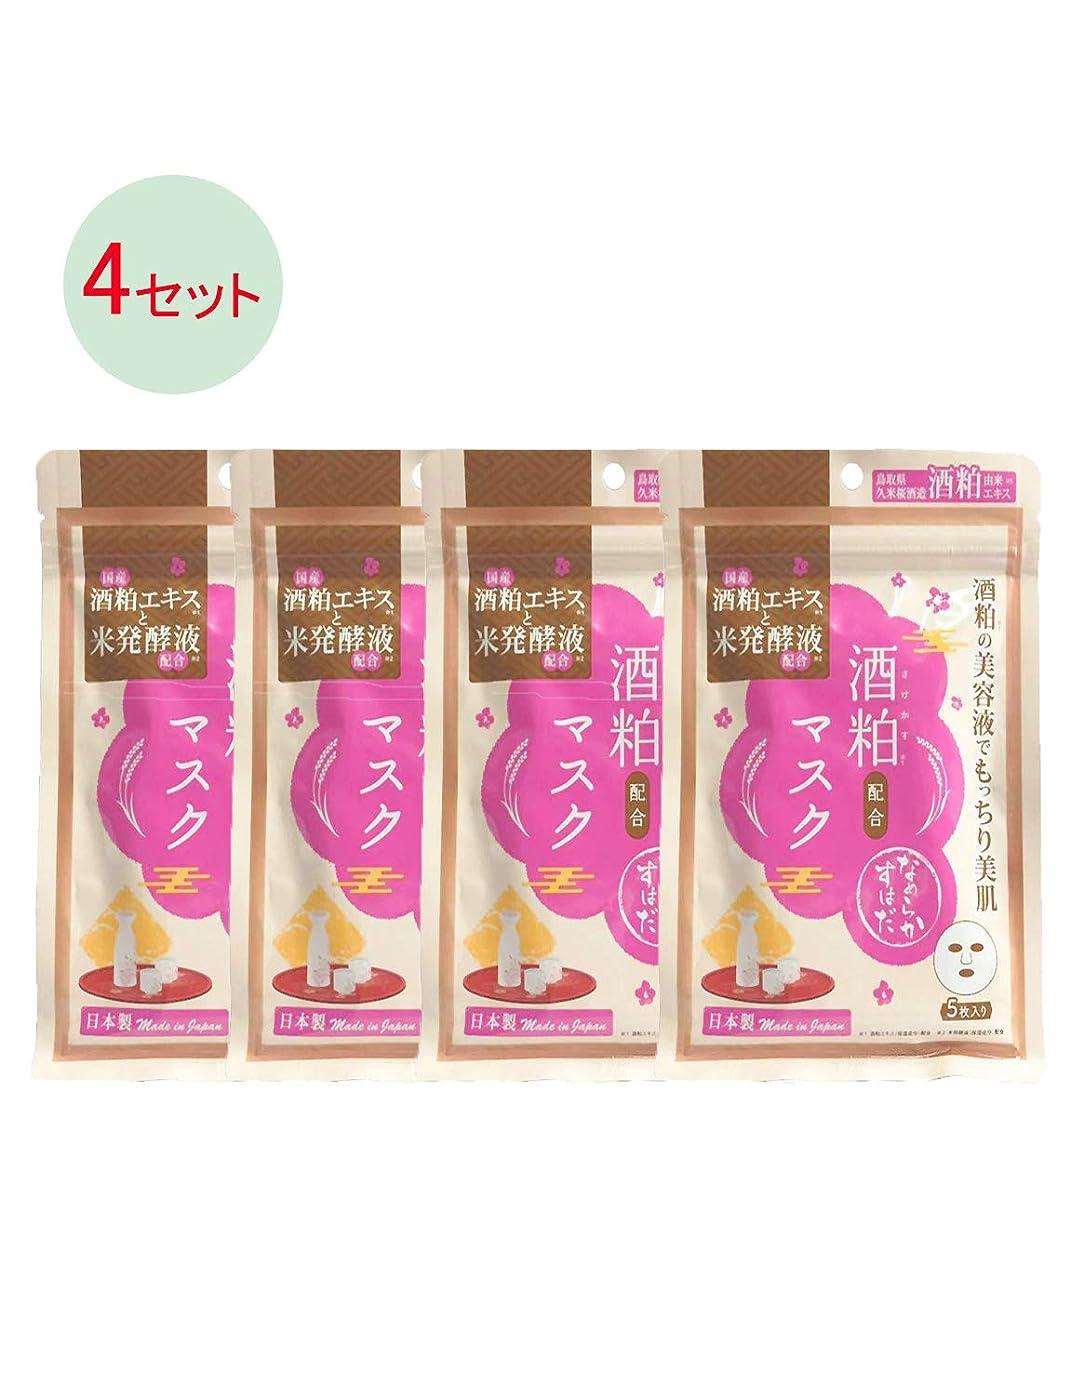 マンモス出会い超高層ビル日本製 酒粕マスク (5枚入) x 4セット